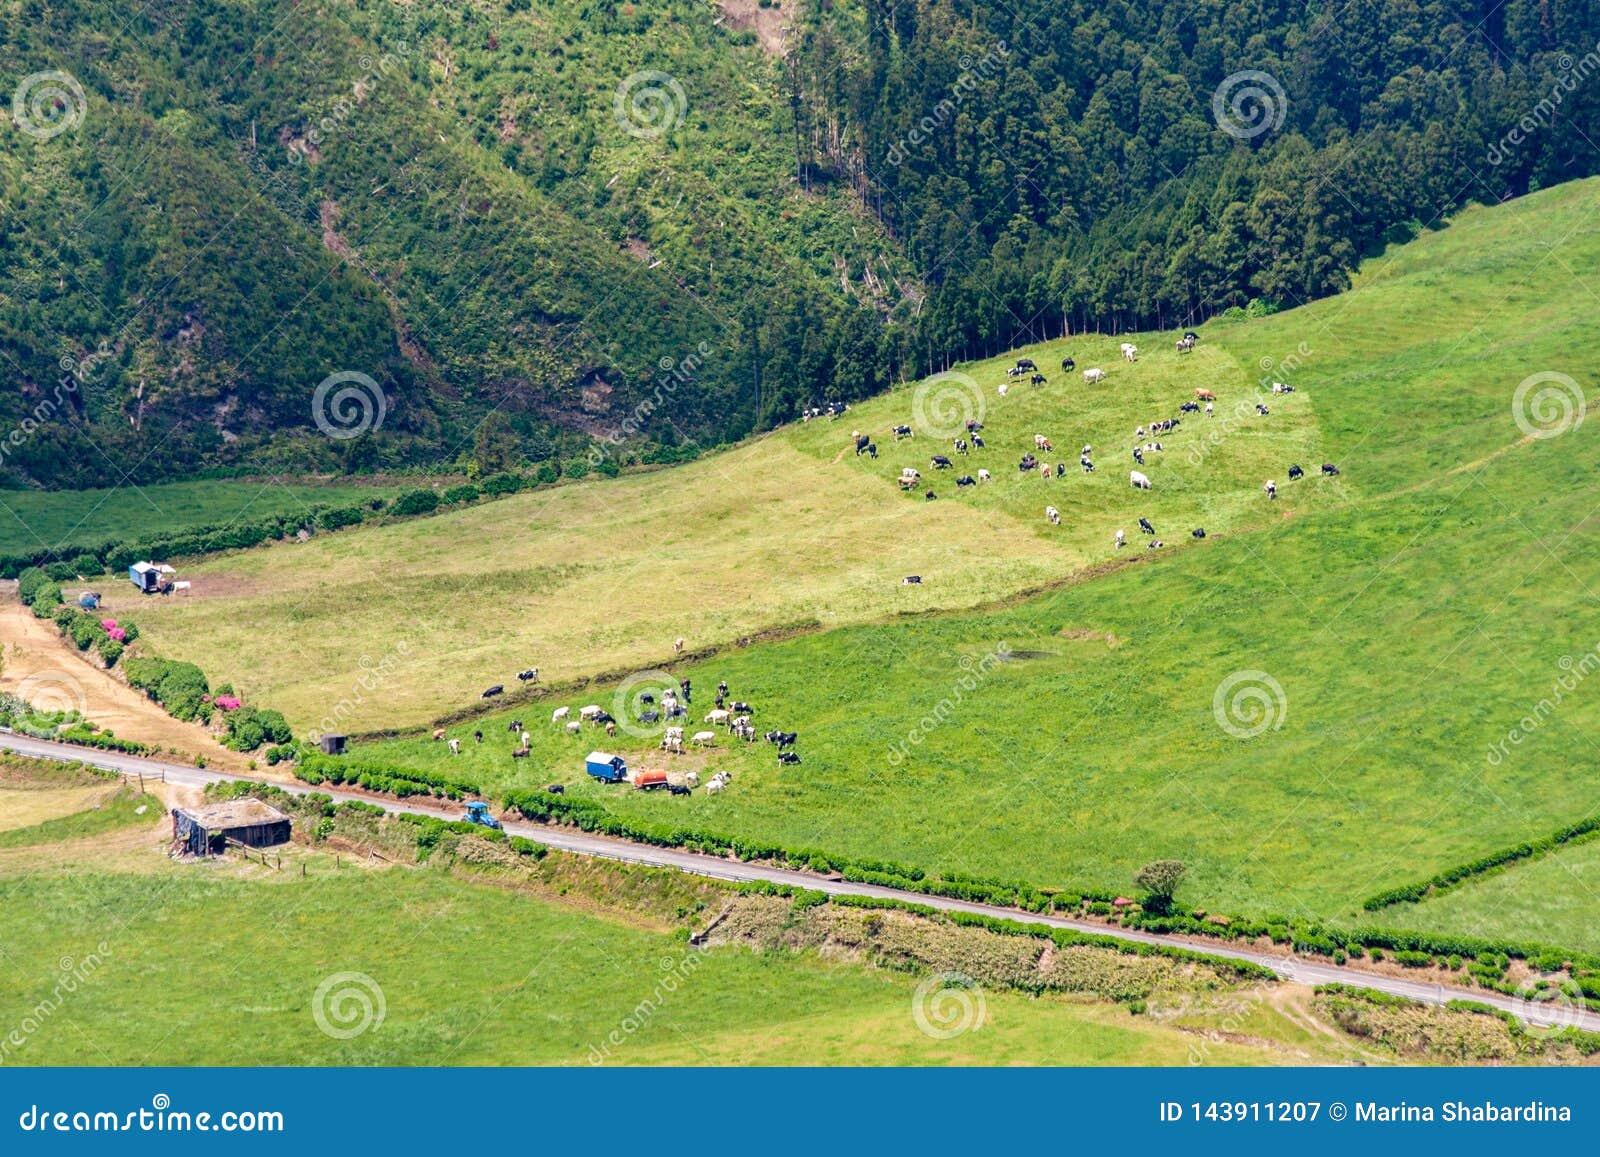 Flockar av kor betar på ett gräsfält bredvid en lantlig väg och en ladugård